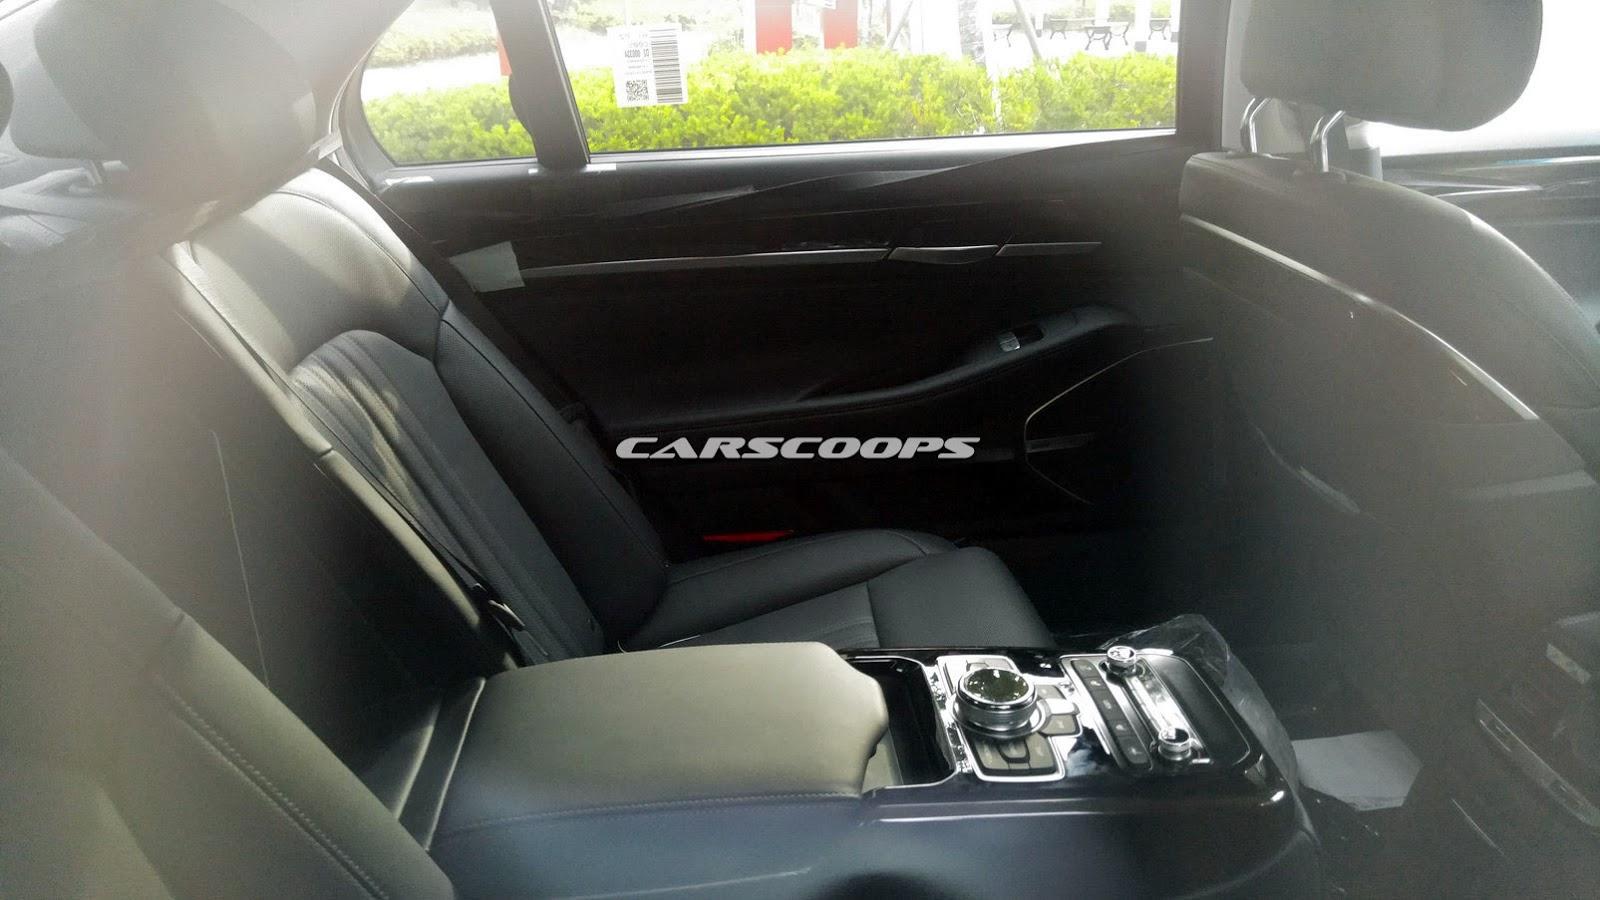 Spied: Back Seat of 2017 Hyundai Equus